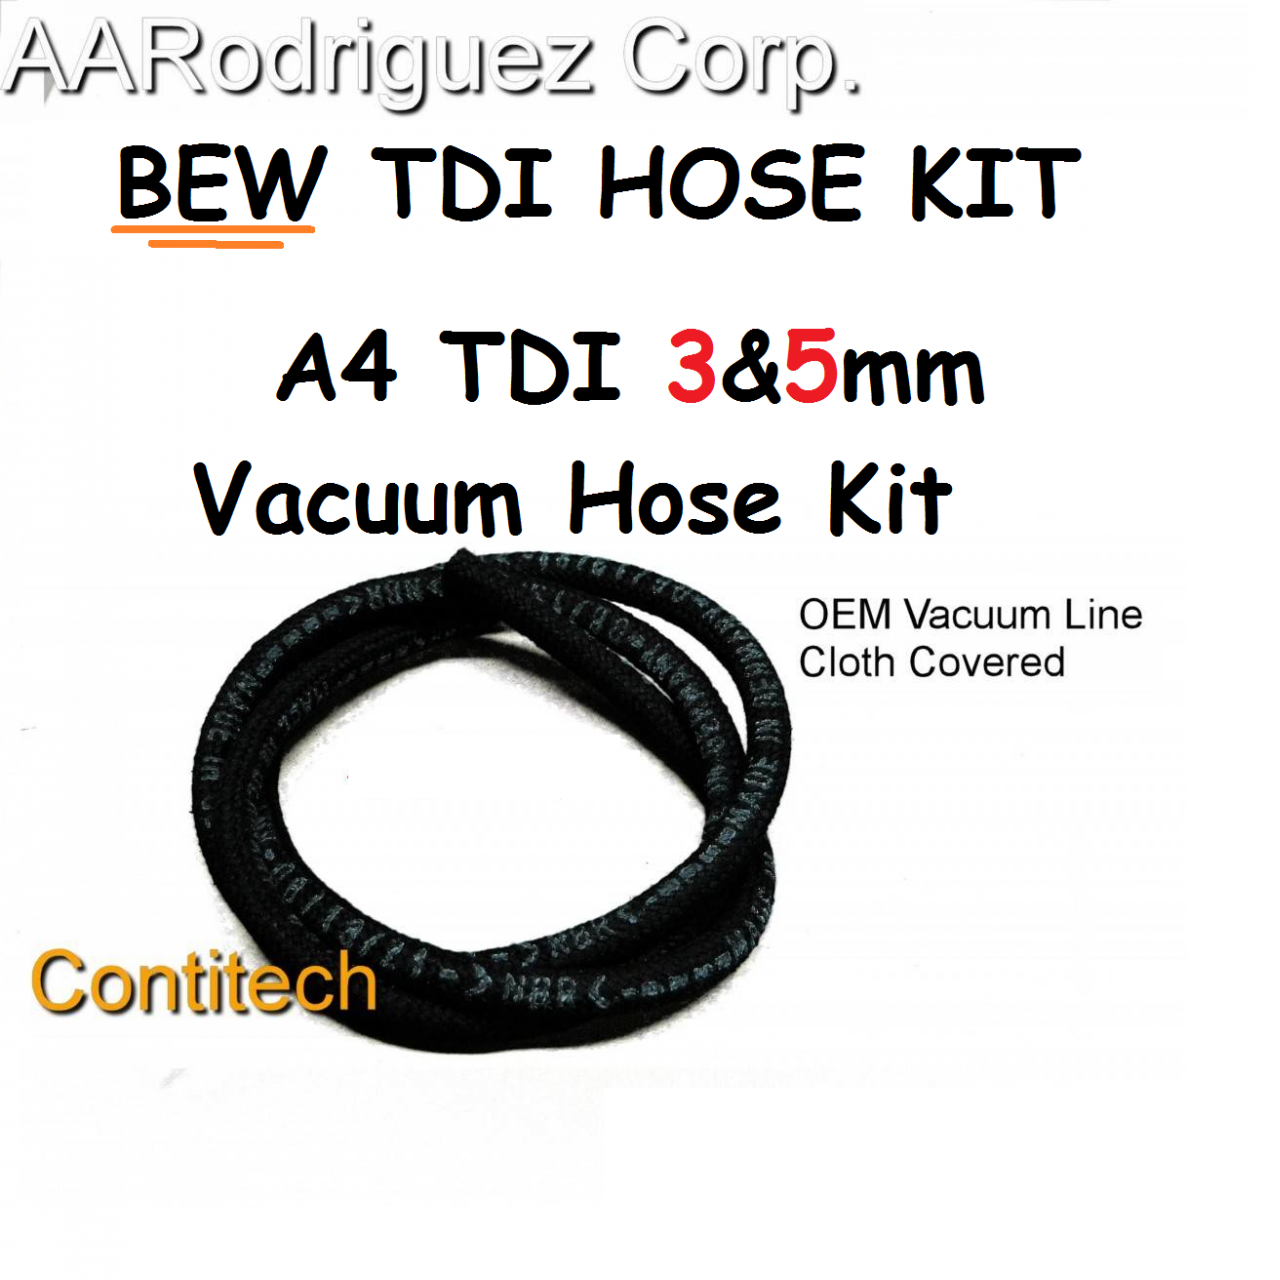 Vacuum Hose Kit for VW BEW TDI Diesel Engines